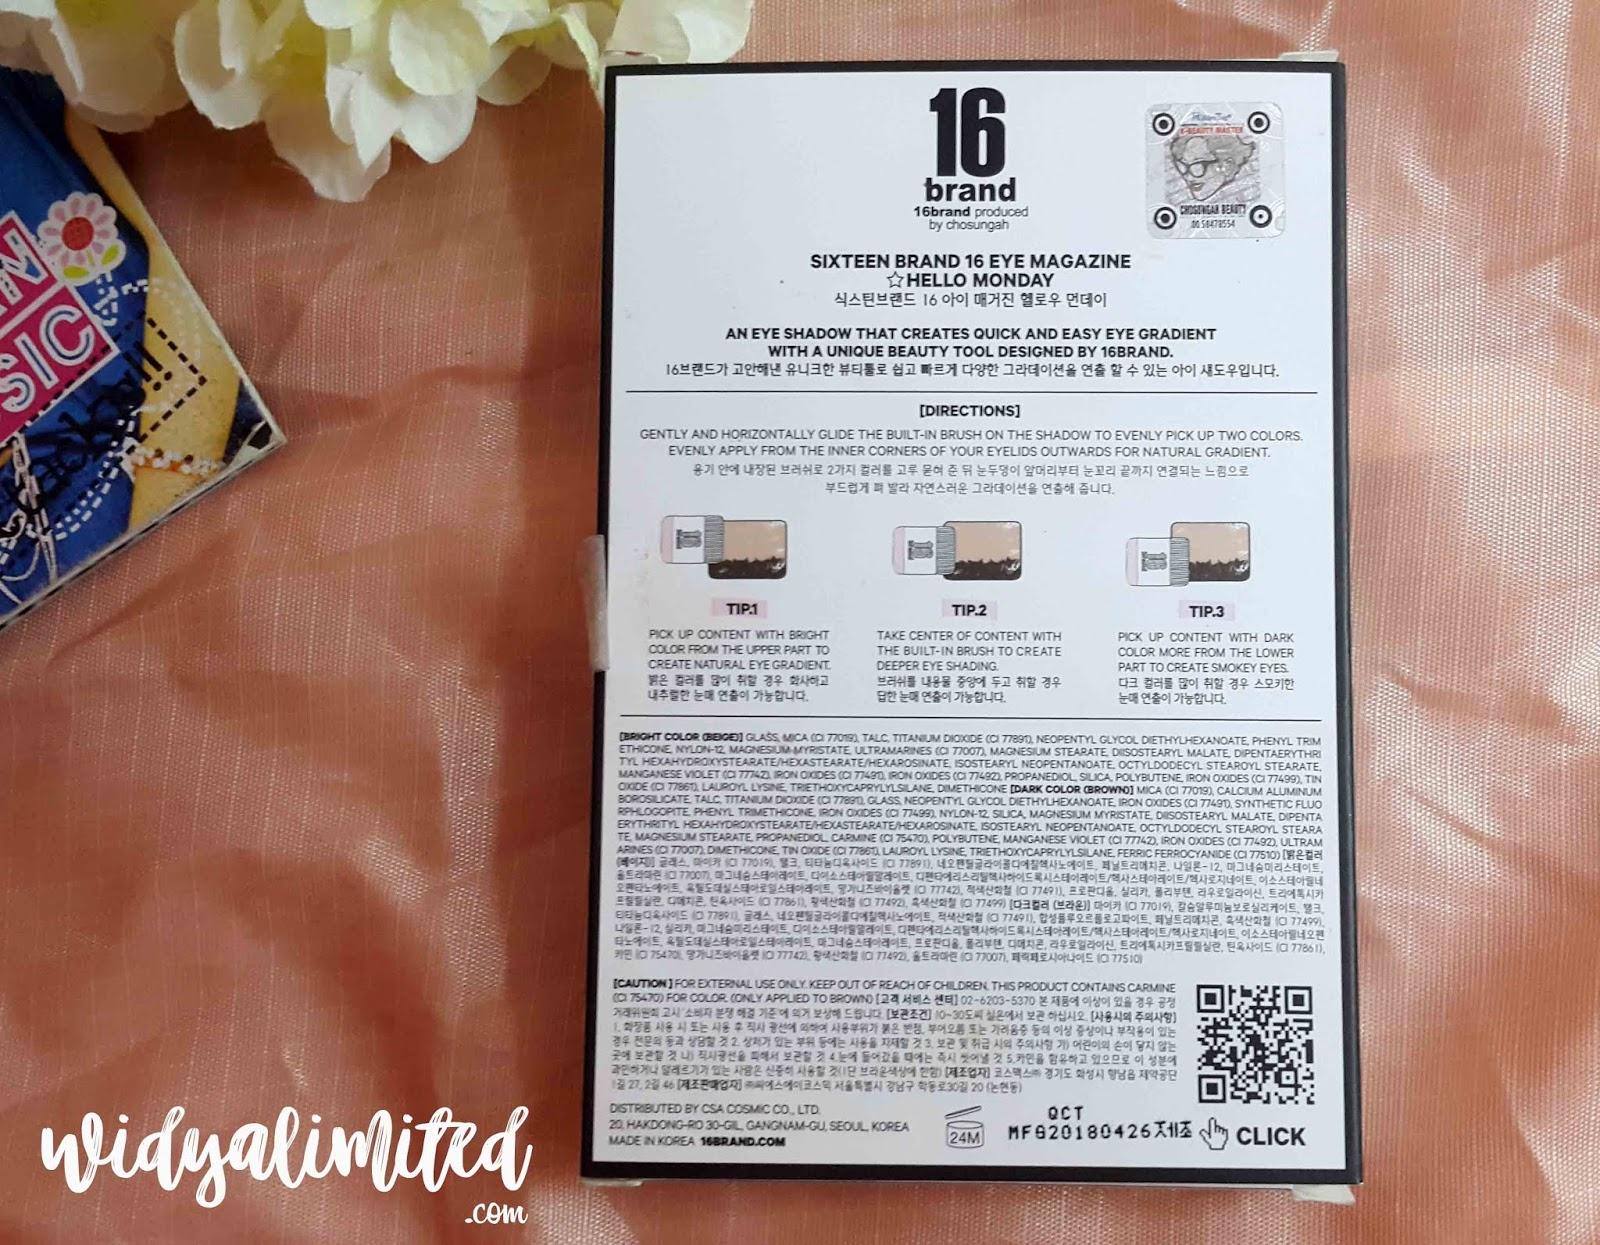 Honest Review 16 Brand Sixteen Eye Magazine Shadow Ada Translate Nya Nih Gengs Jadi Bahasa Korea Hangul Inggrisnya Mantaabs Selain Itu Juga Tips Cara Penggunaannya